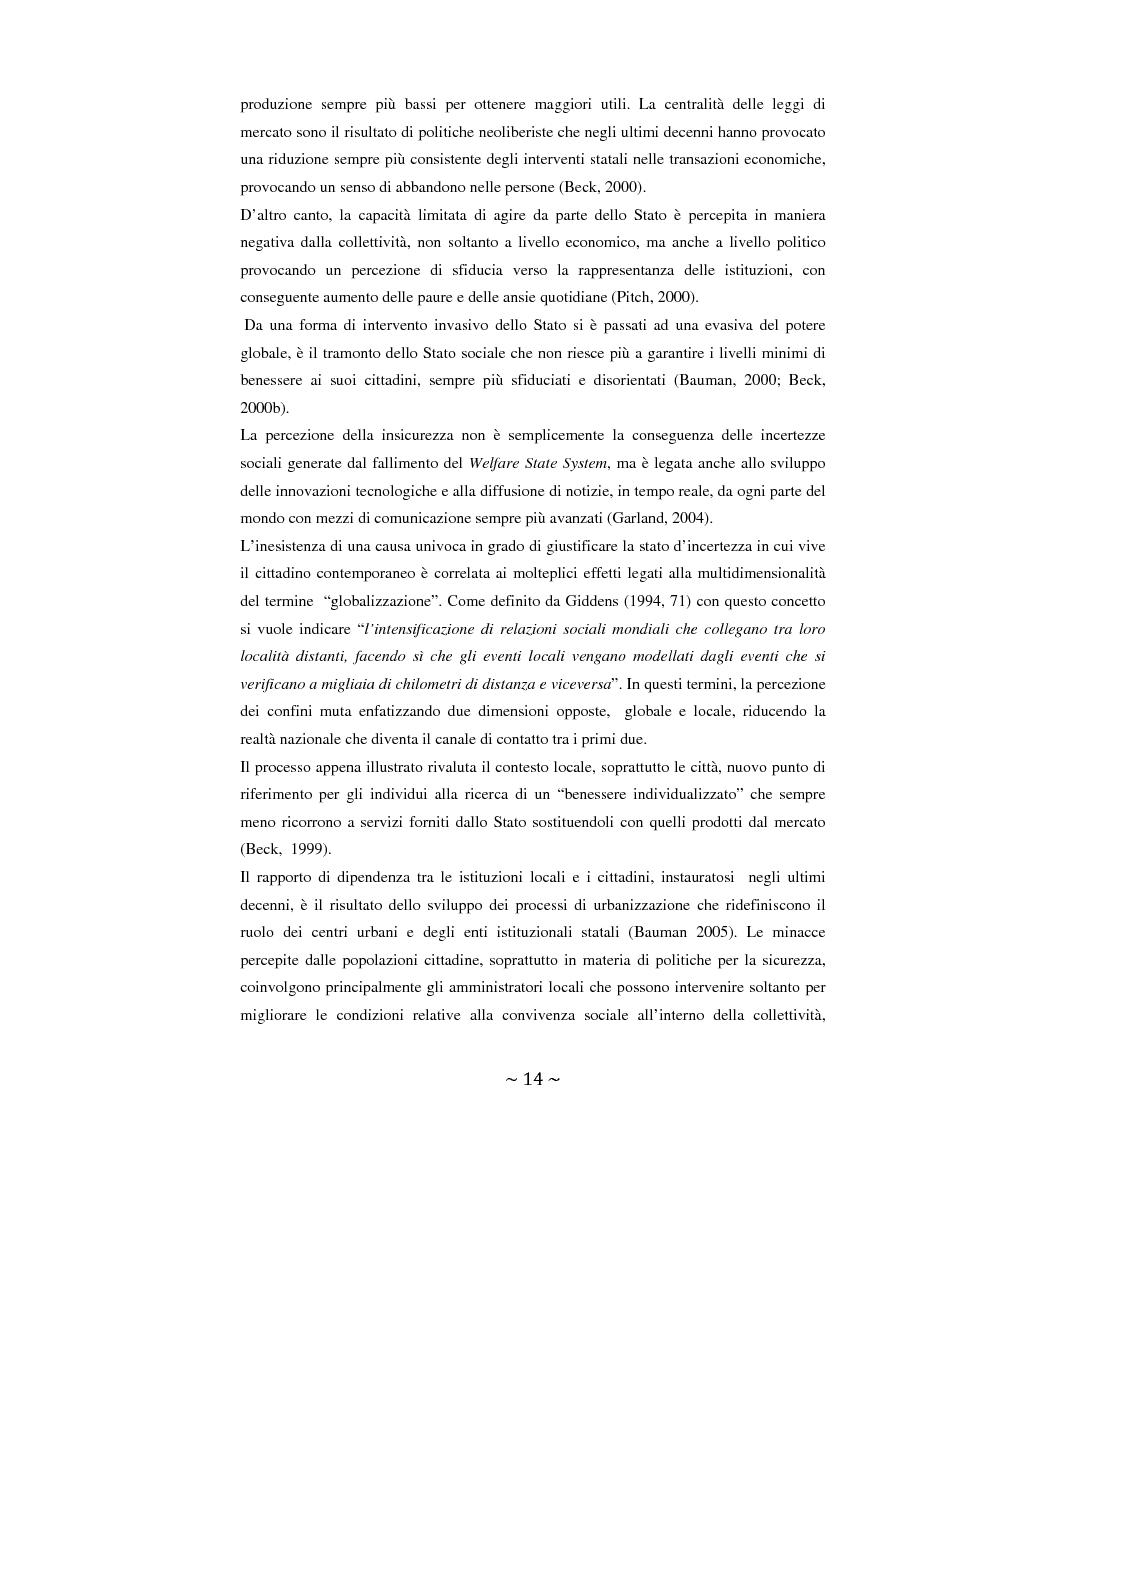 Anteprima della tesi: Contrattualizzare la sicurezza urbana, Pagina 7